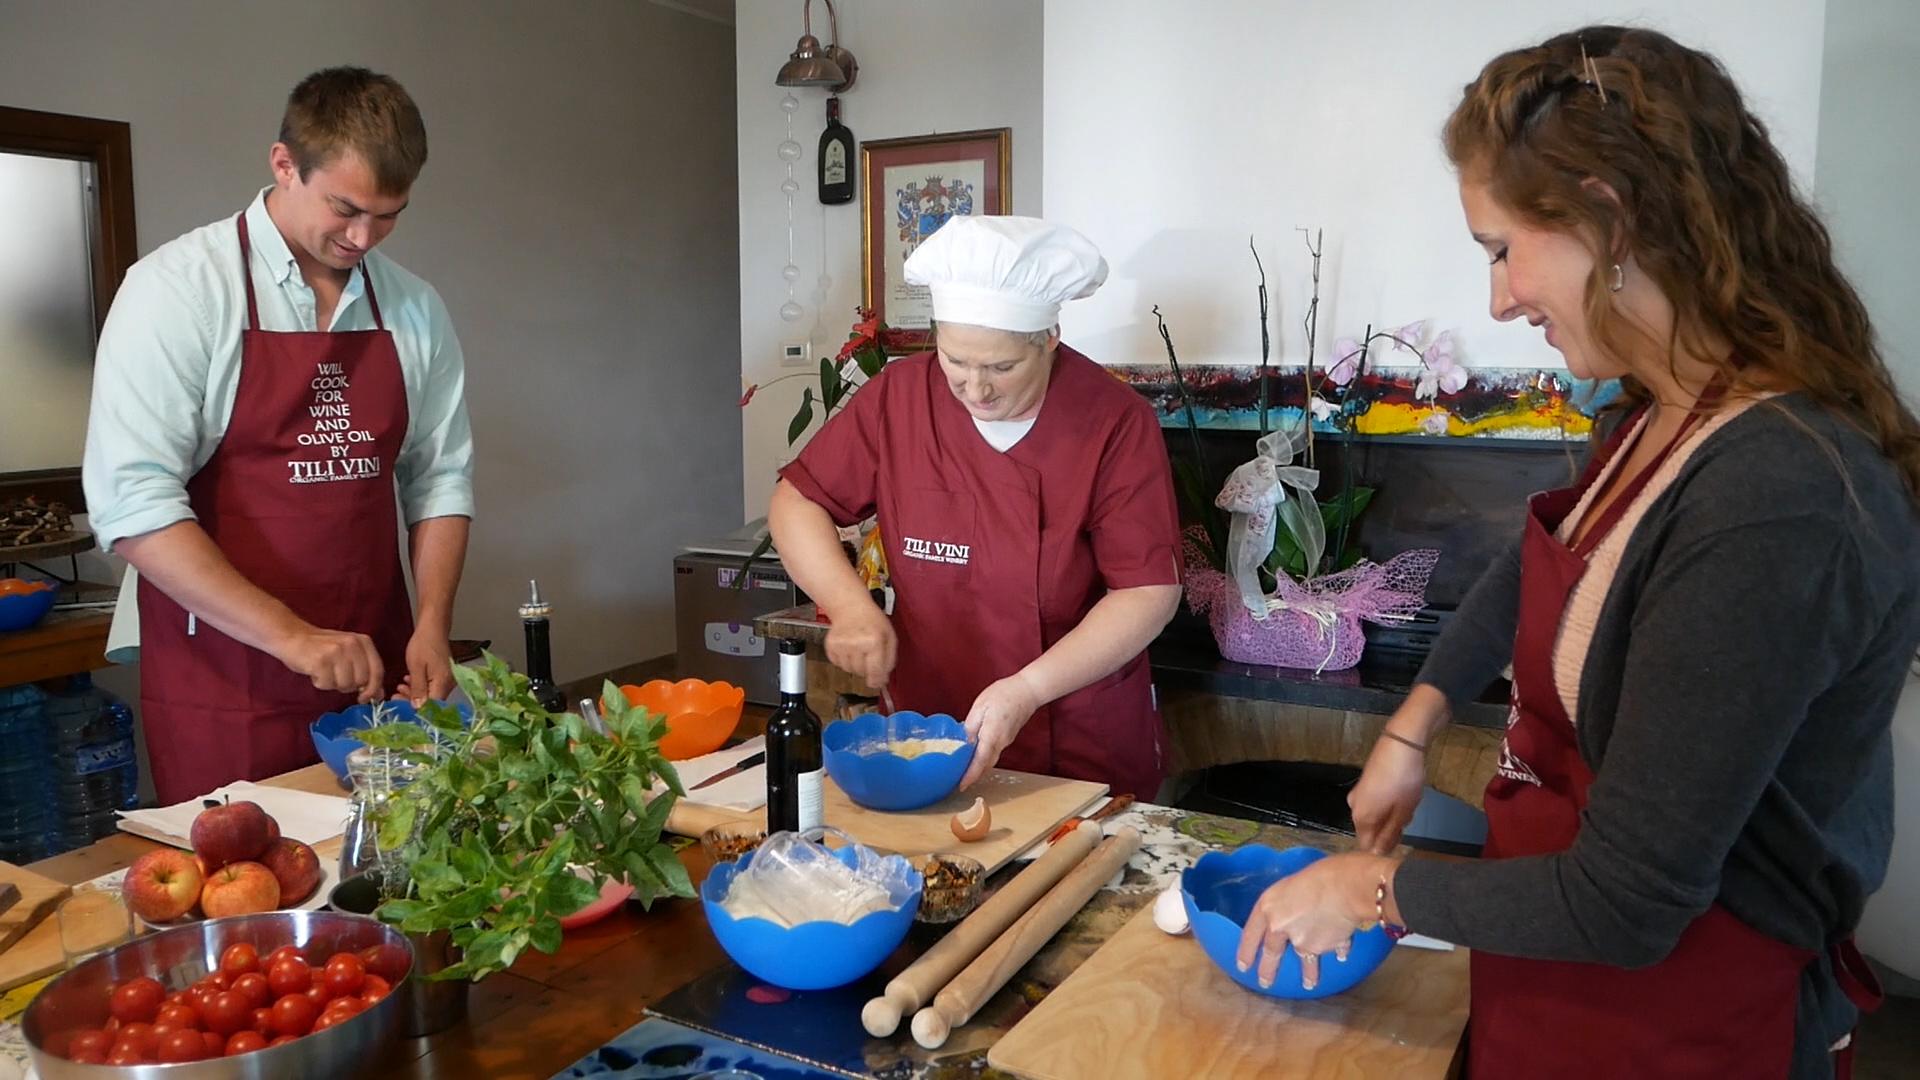 Esperienza sensoriale Assisi Tili Vini - Lezioni di cucina Umbra 8